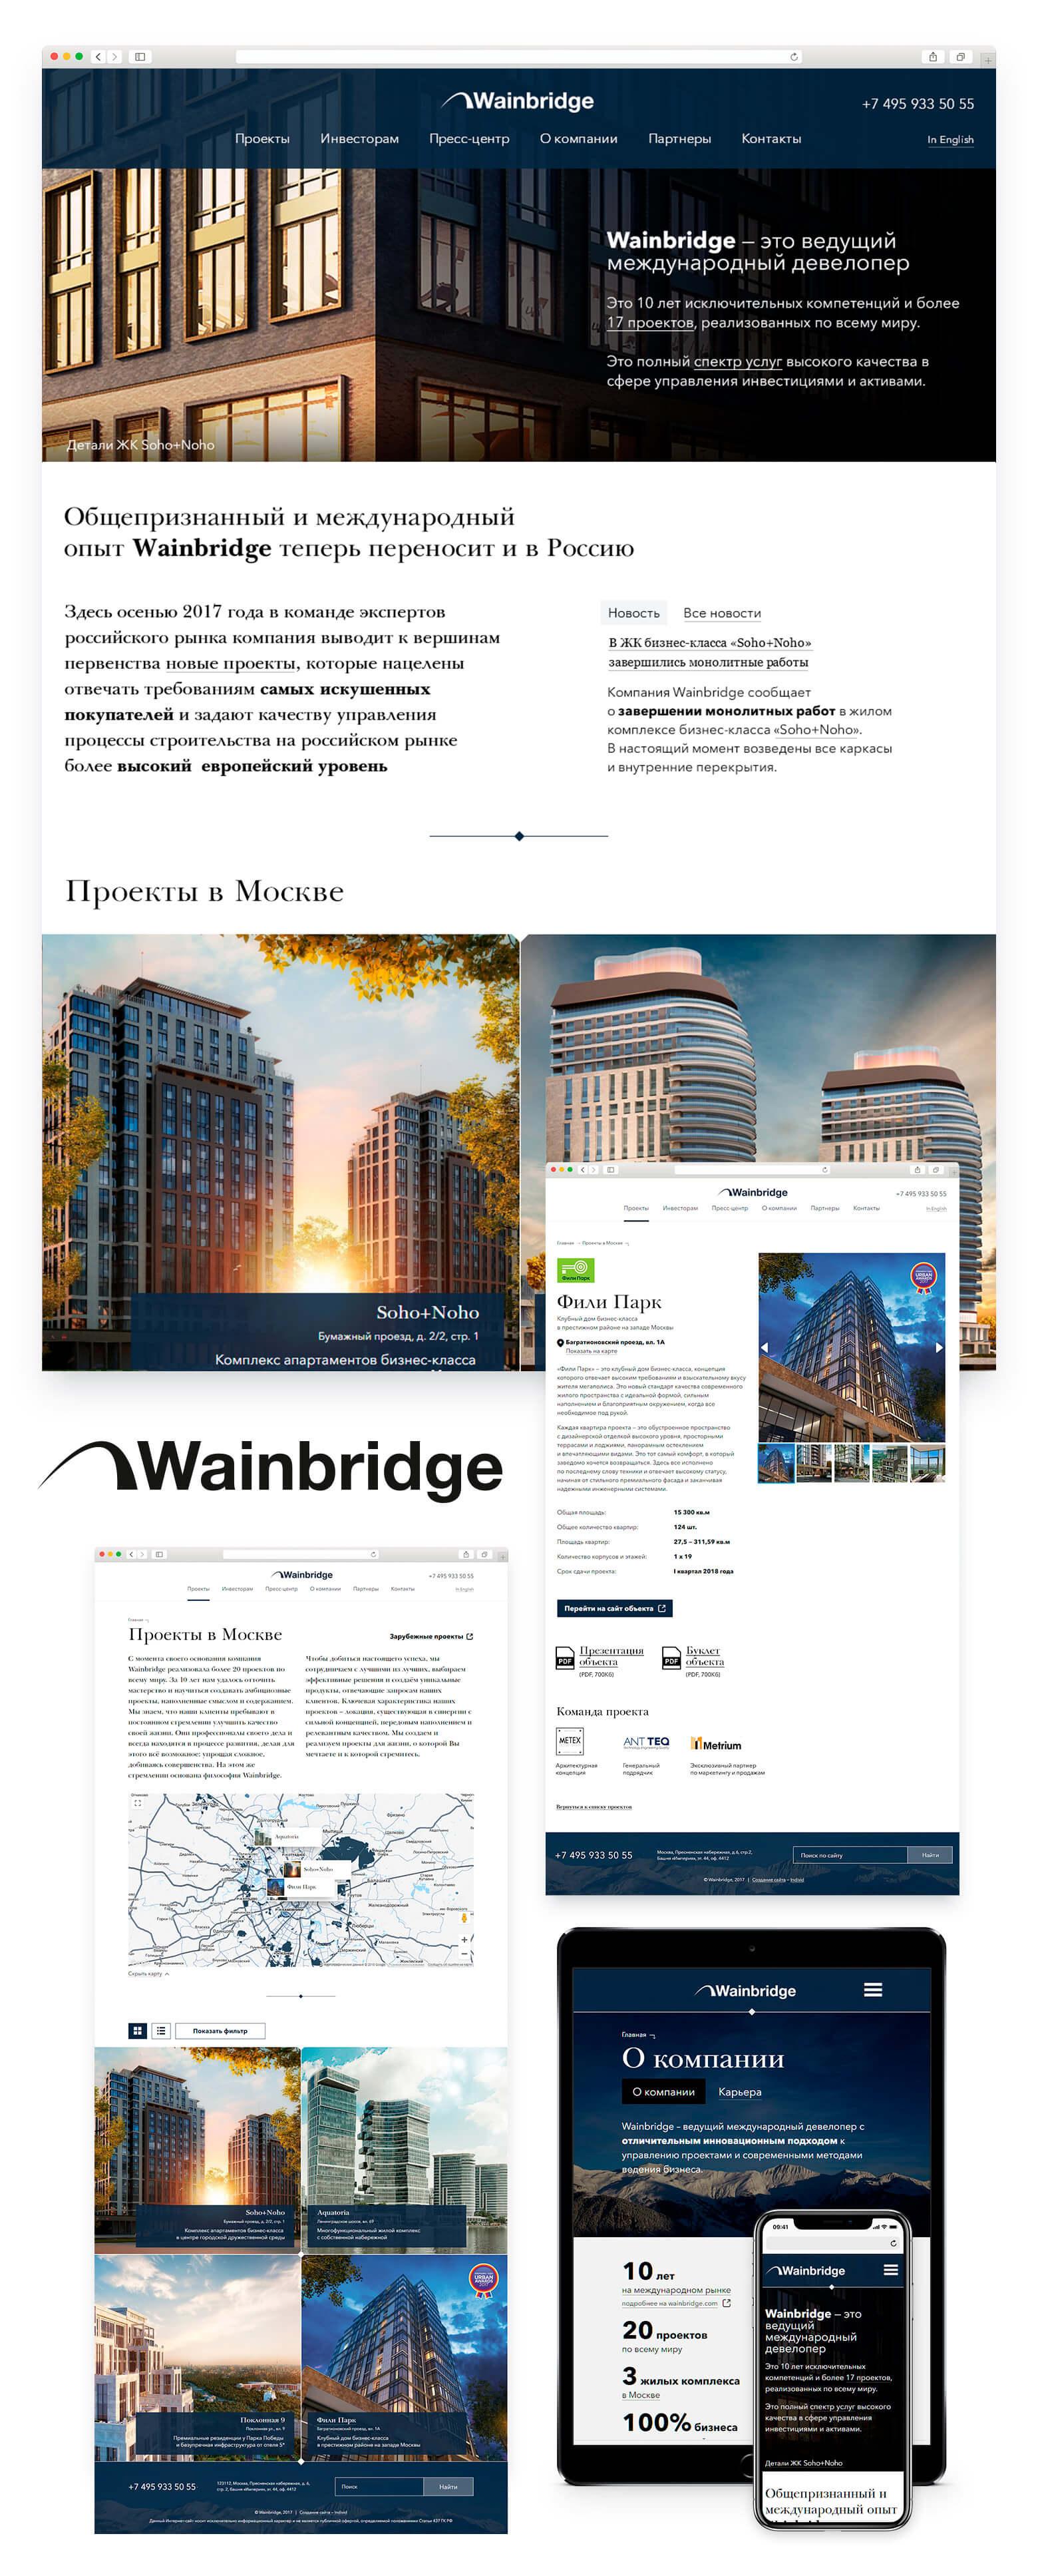 825707b5b4d2 Корпоративный сайт международного девелопера в сегменте недвижимости  бизнес- и премиум-класса Wainbridge